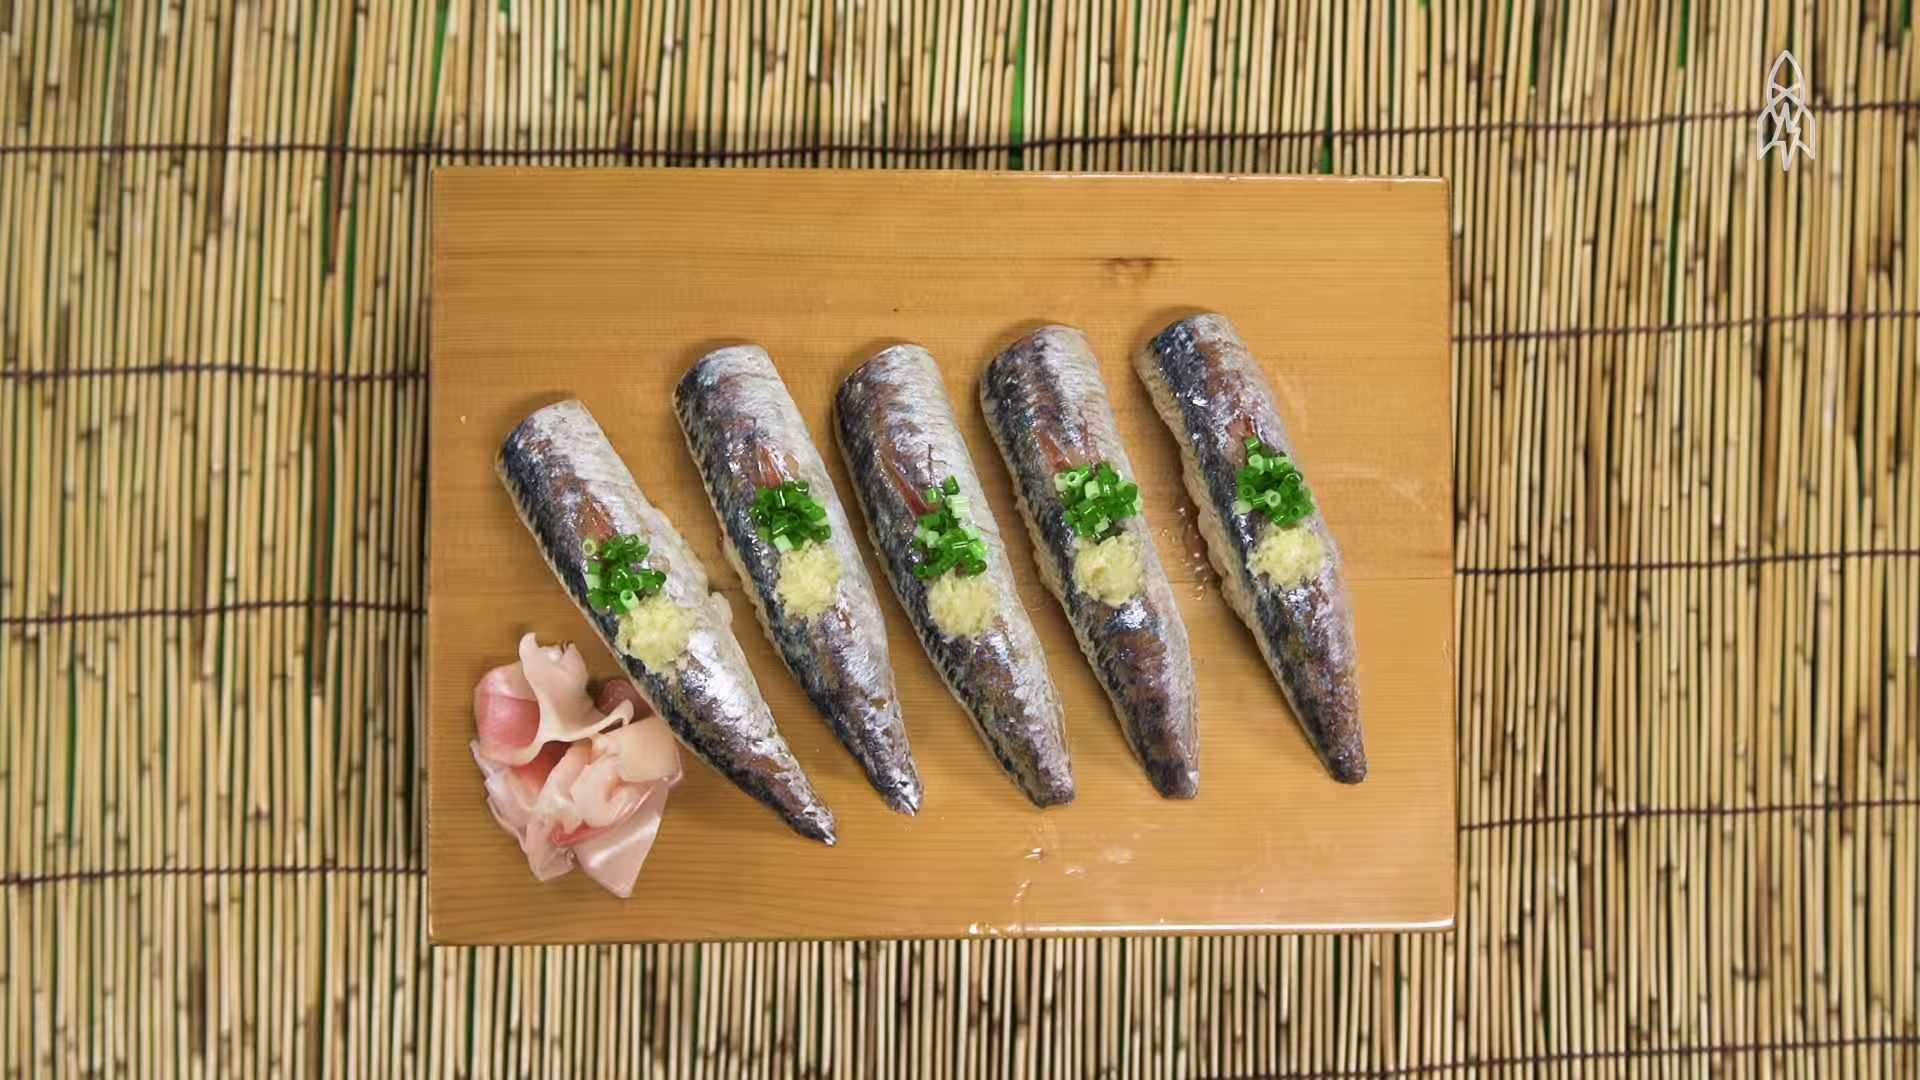 日本の食品サンプルってすごい美味そうだな